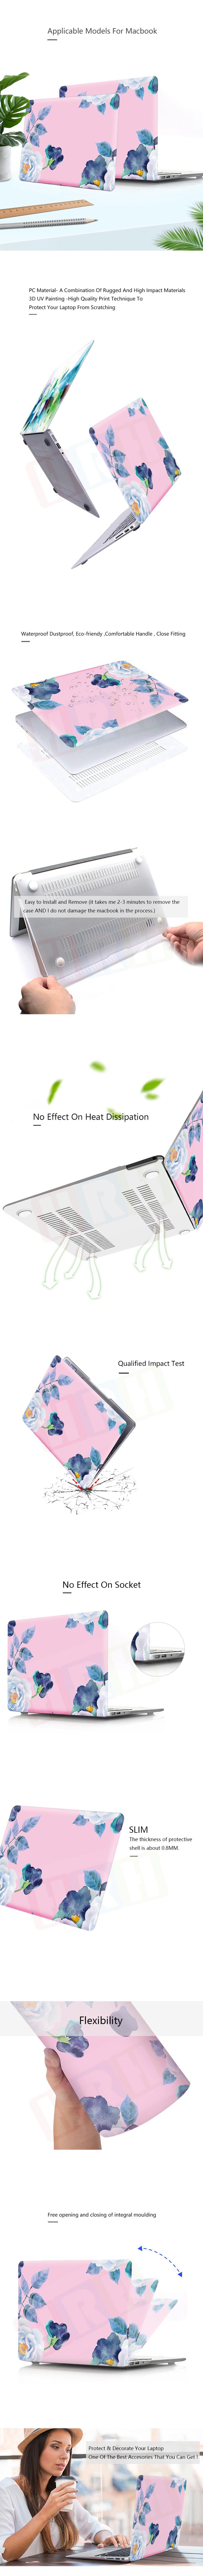 Nieuwste Crystal Clear Laptop Harde Gevallen Beschermhoes Voor Huawei Matebook 13